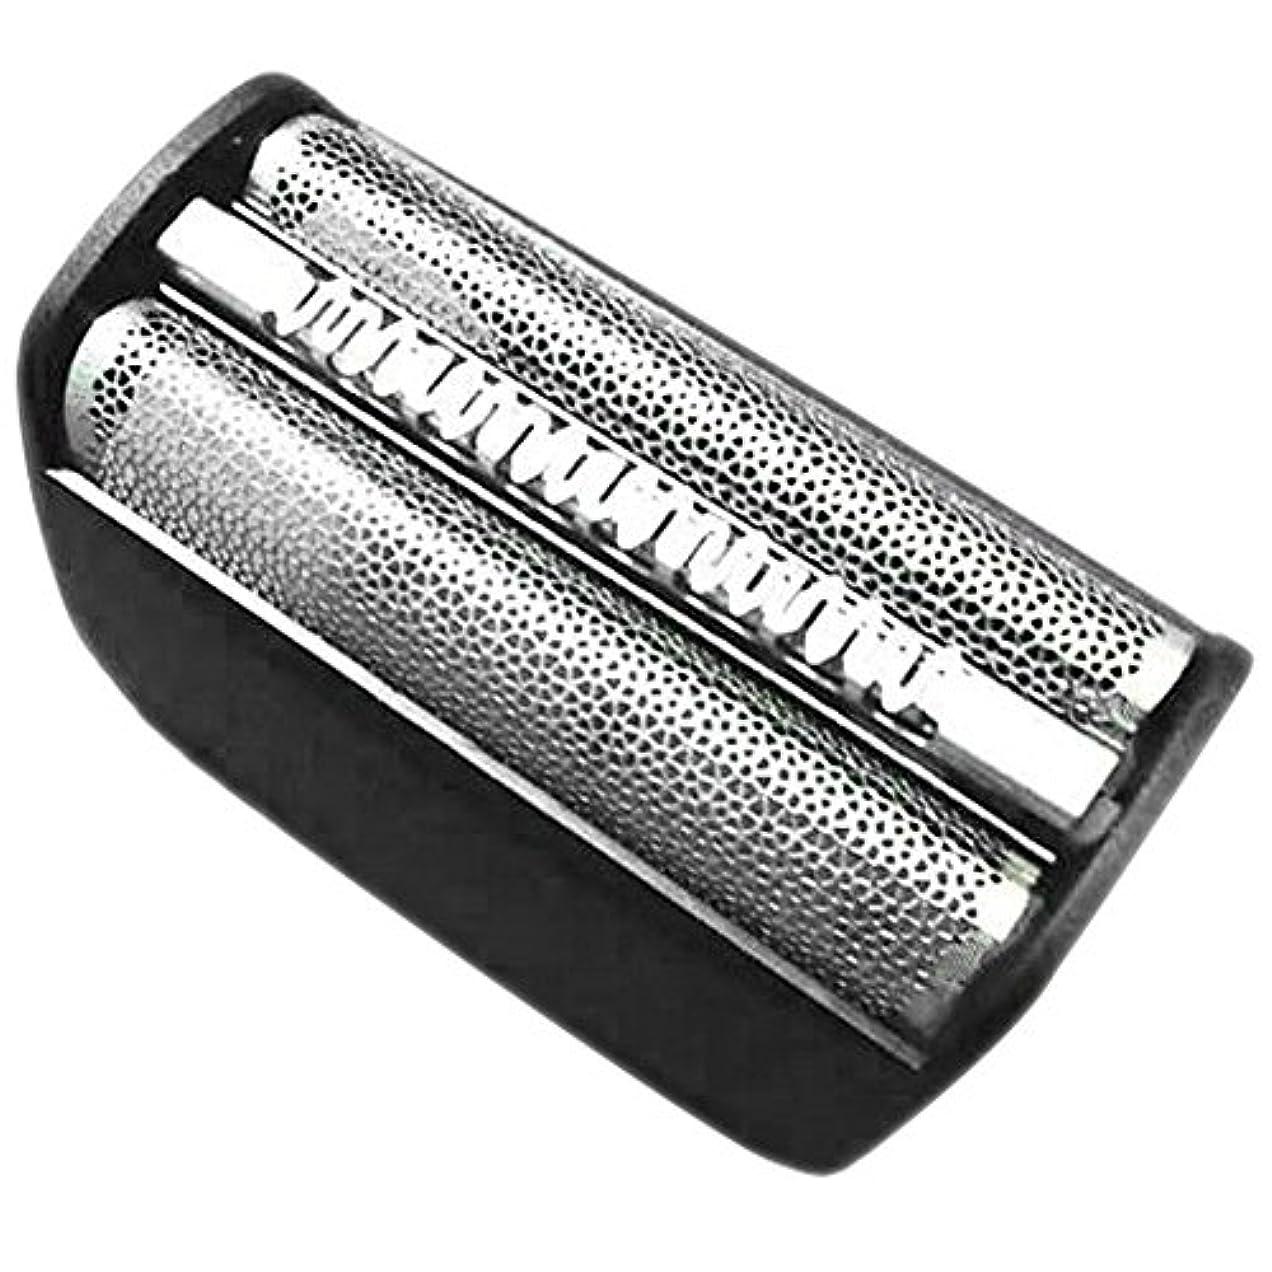 保護才能のある注入Juleyaing 置換 シェーバー かみそり フォイル 30B for Braun 4000/7000 Series 7493 7497 7505 7510